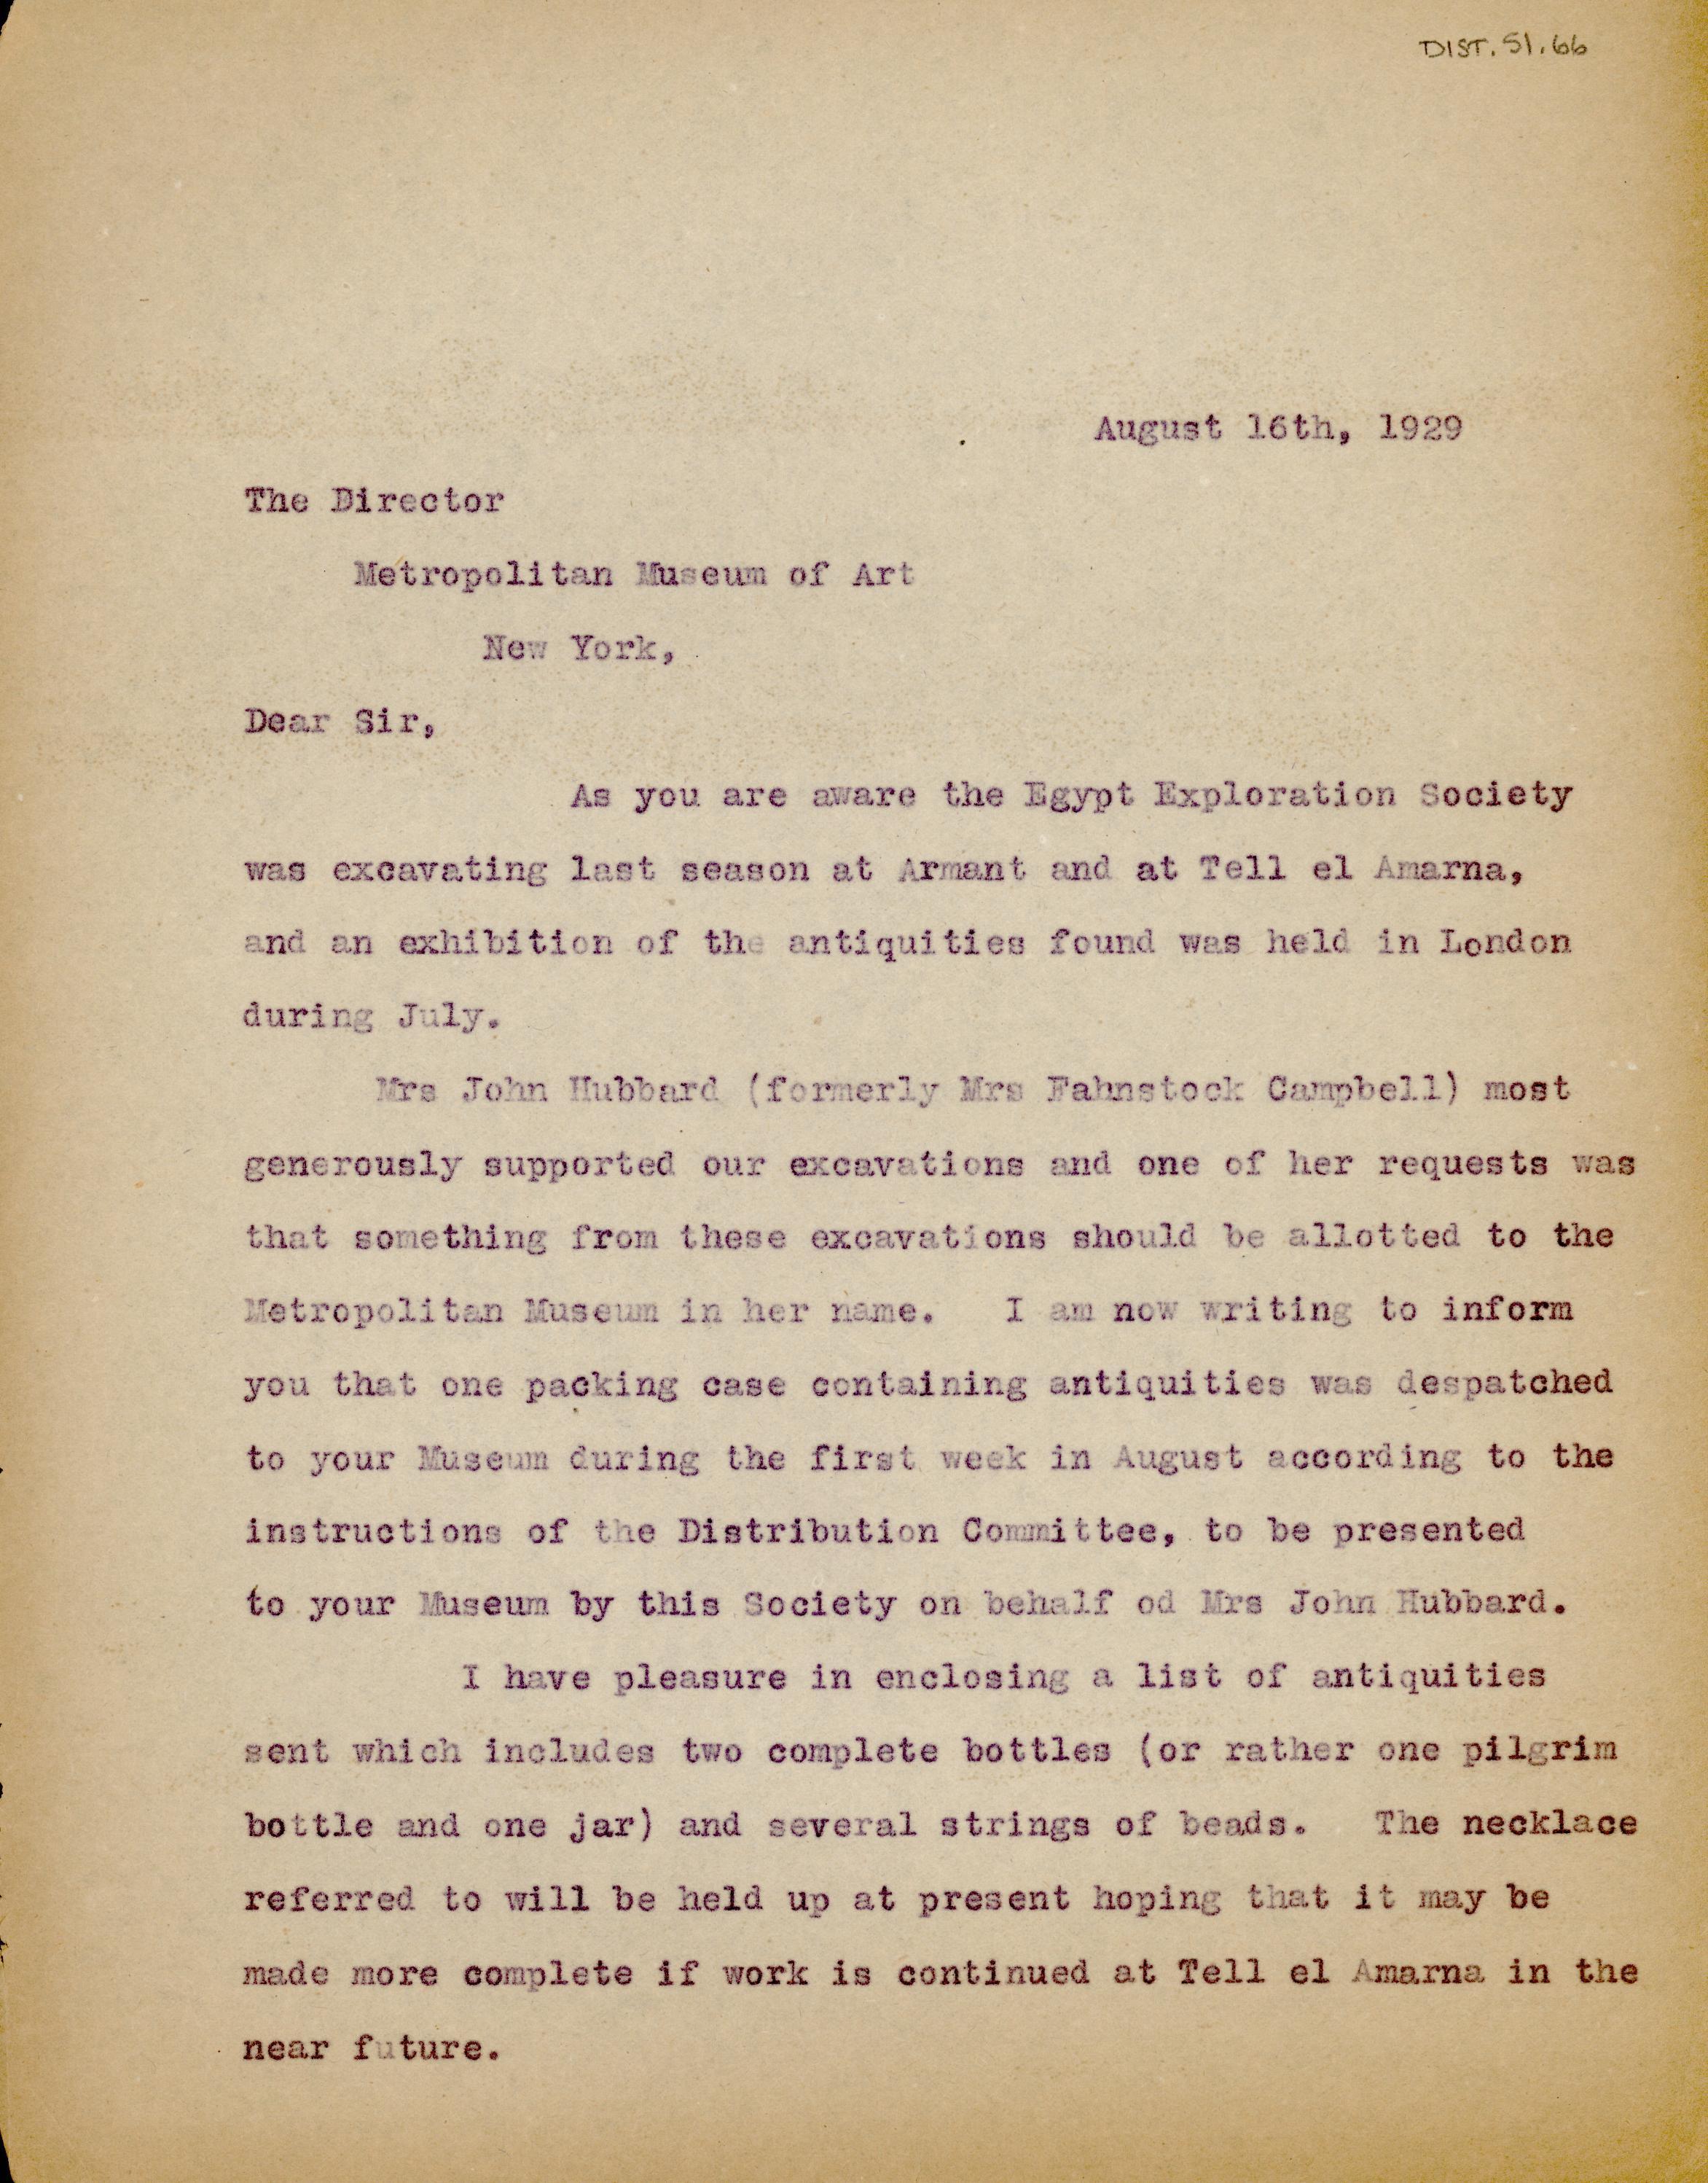 1928-29 el-Amarna and Armant DIST.51.66a